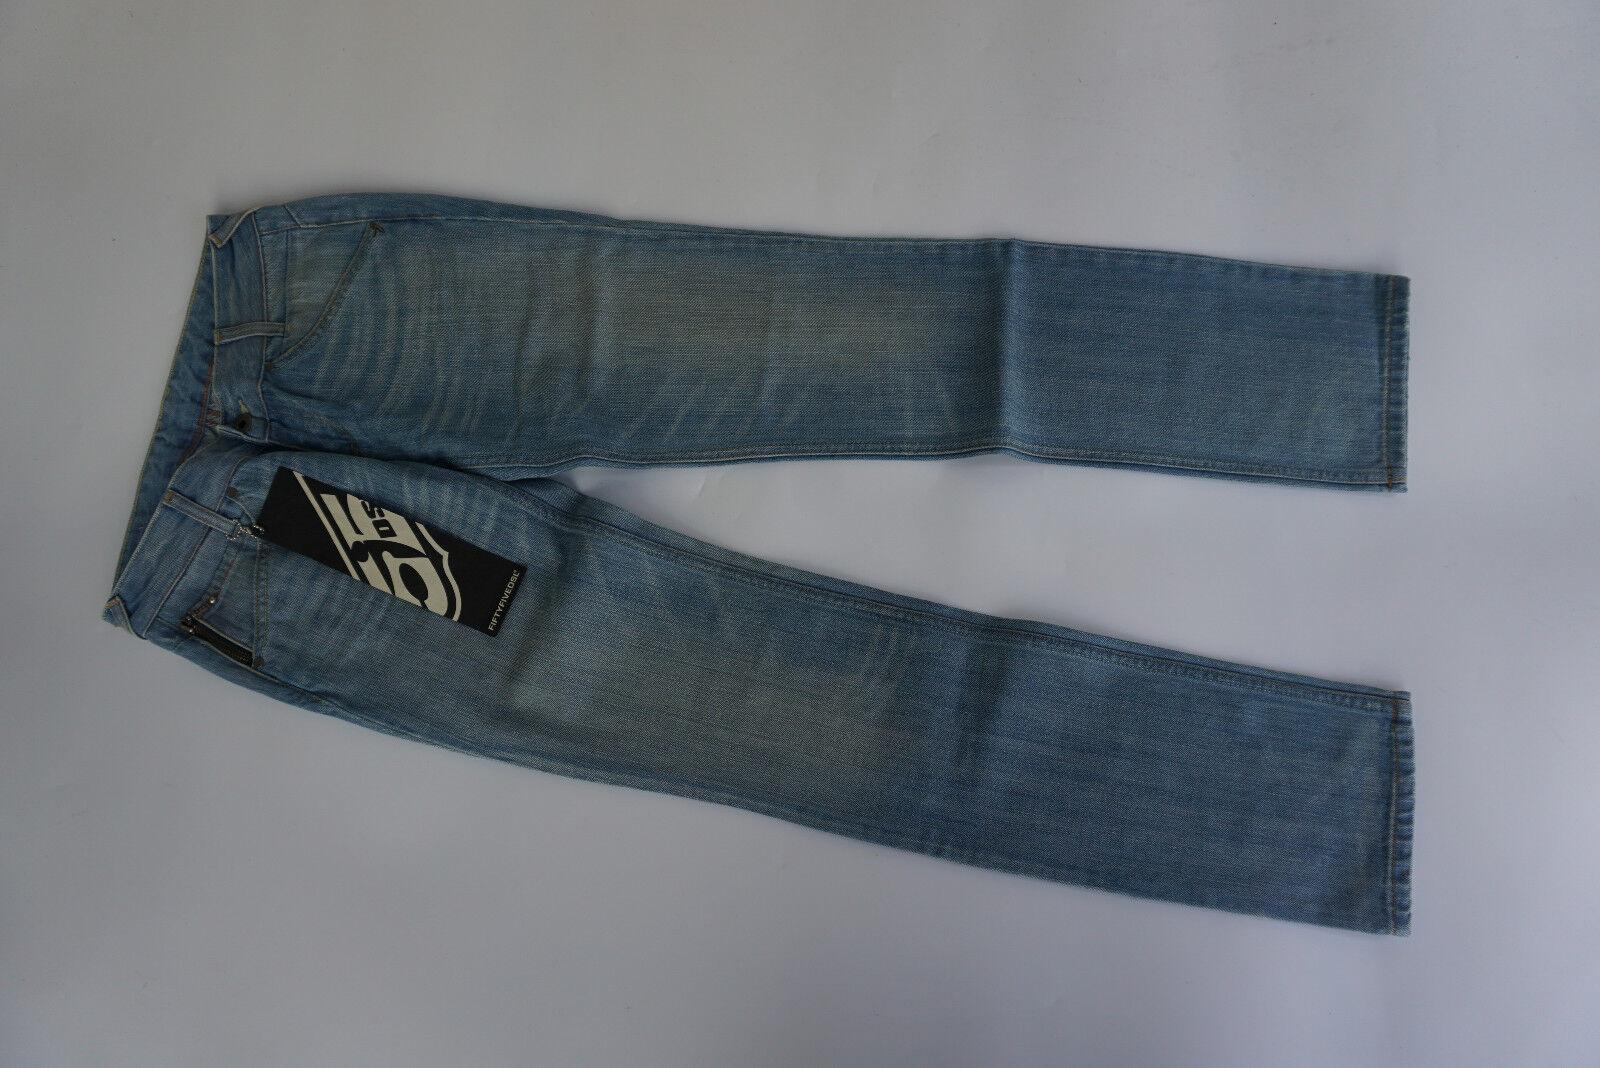 55 DSL DIESEL Damen damen Straight Leg Jeans Hose 27 32 W27 L32 hellblau NEU=